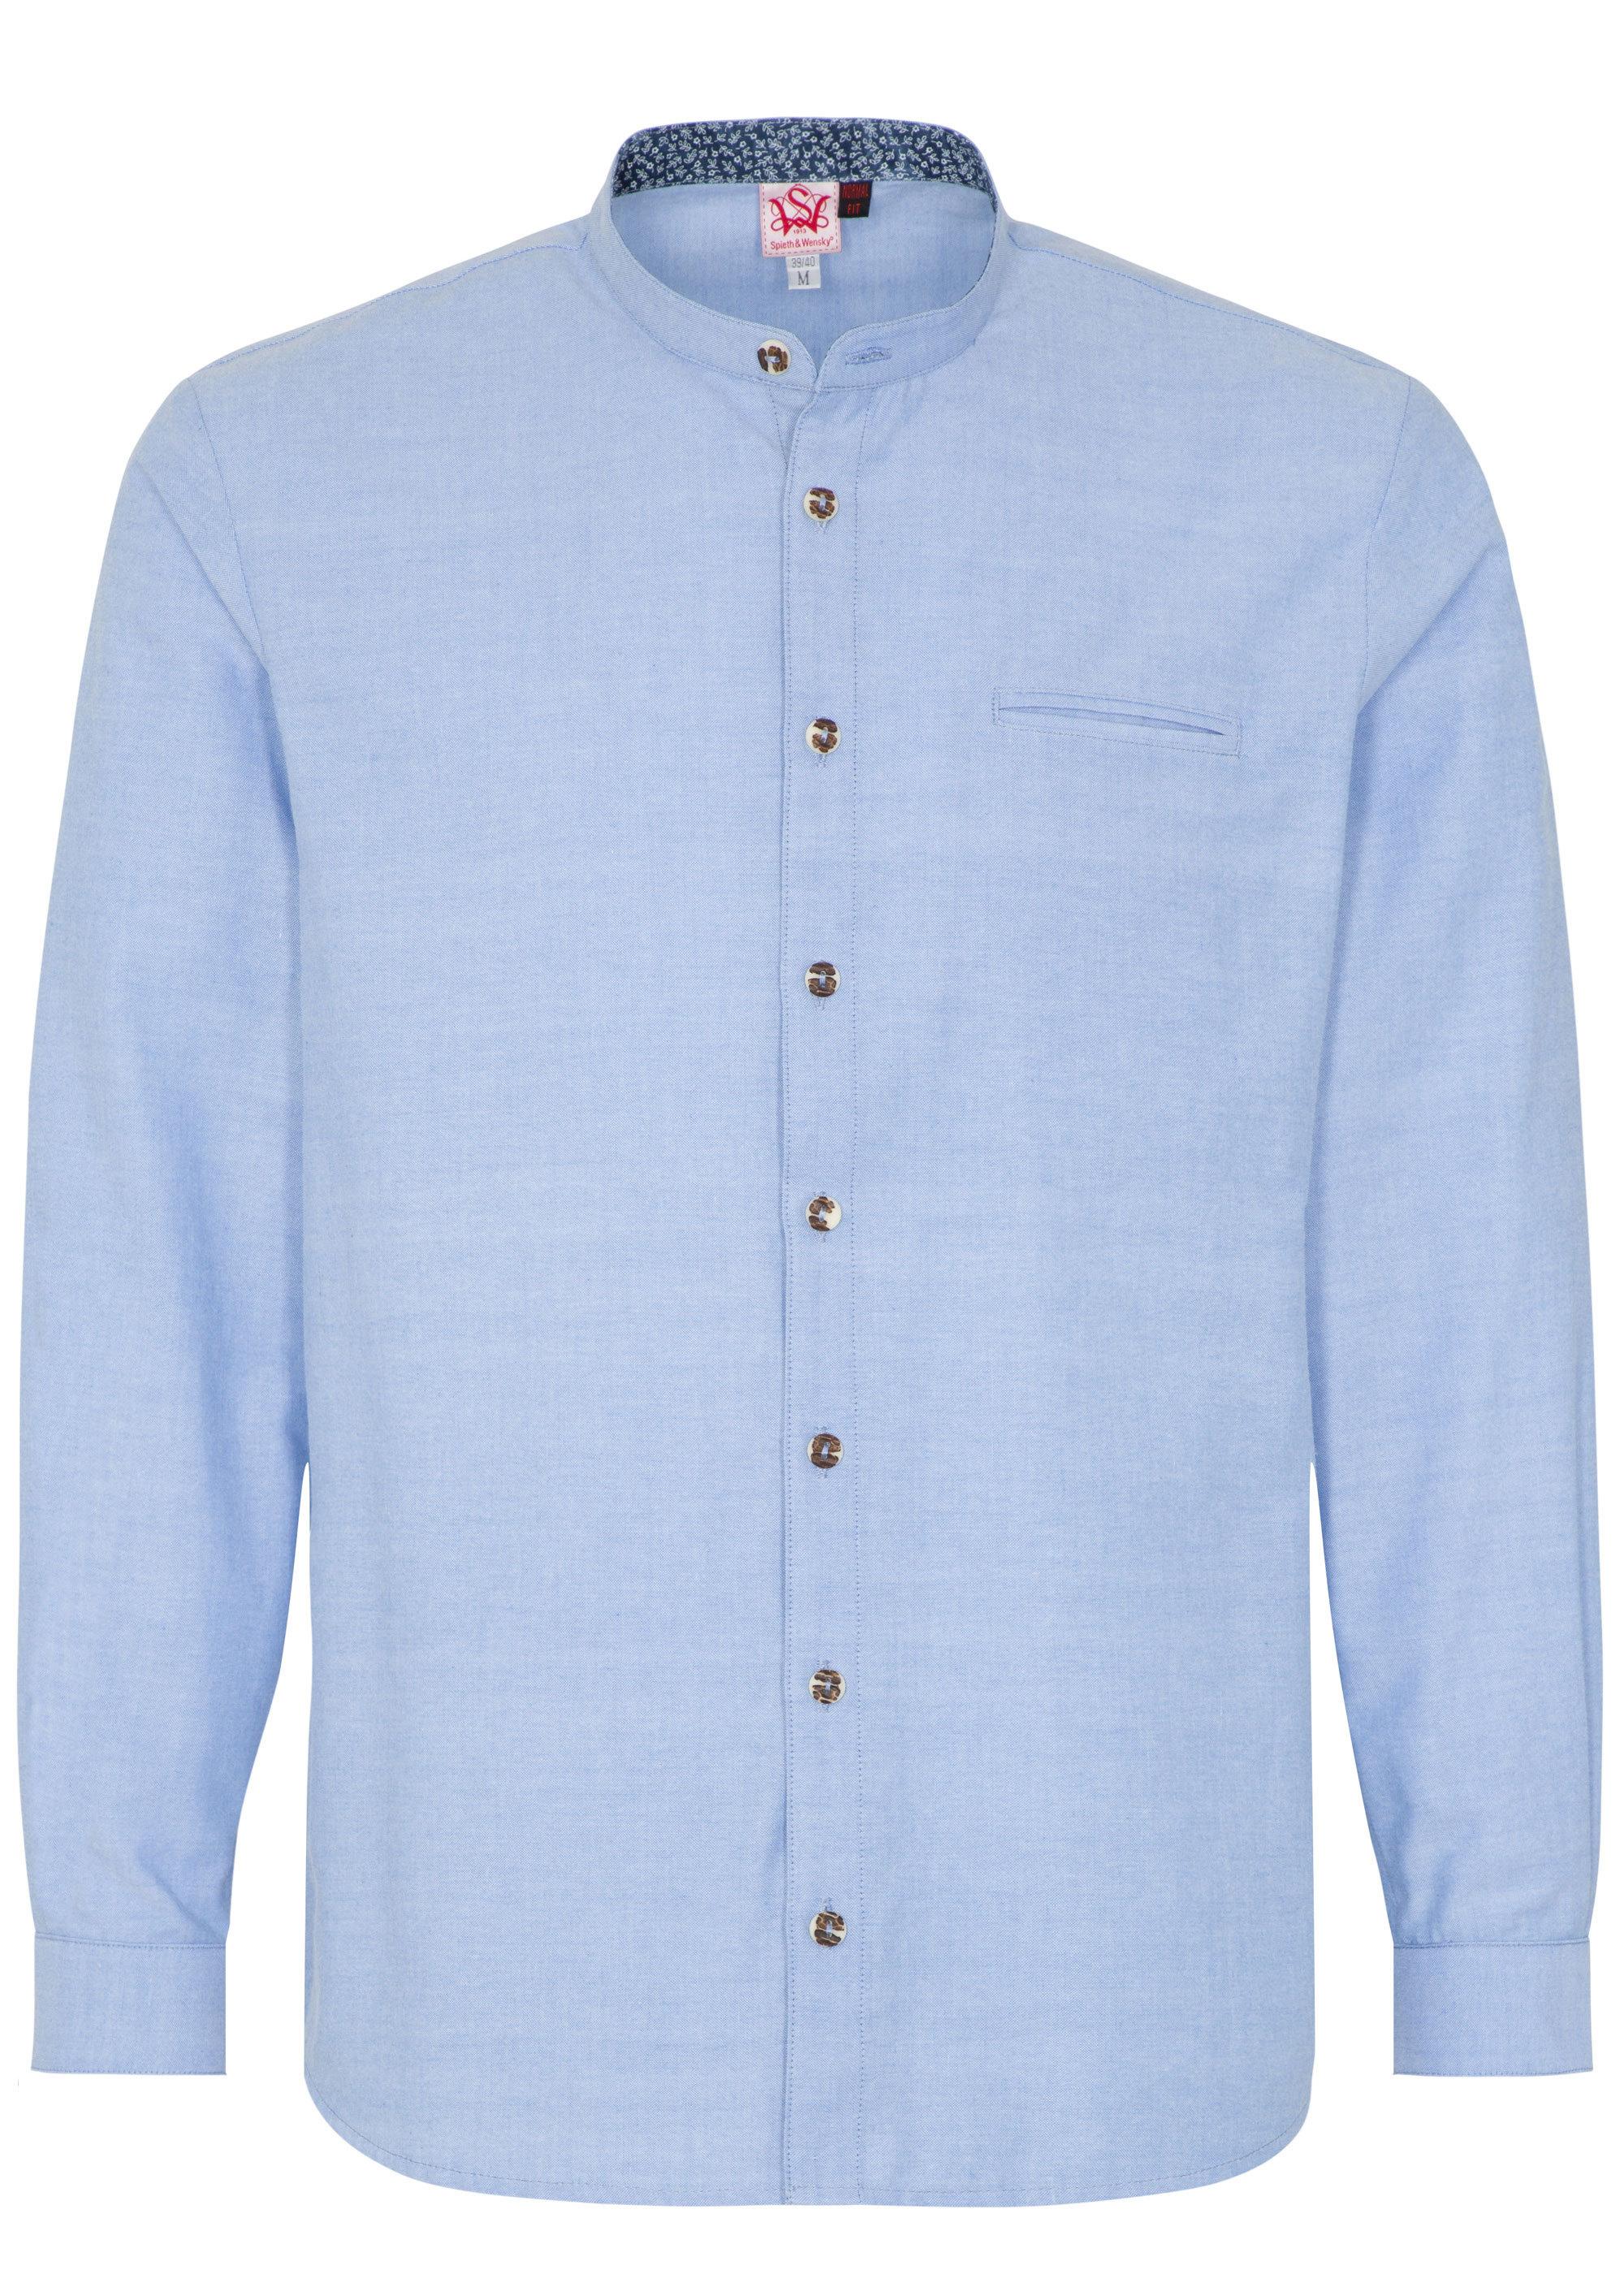 Spieth & Wensky Trachtenhemd ´´Kaviar´´ | Bekleidung > Hemden > Trachtenhemden | Blau | Polyester | Spieth & Wensky